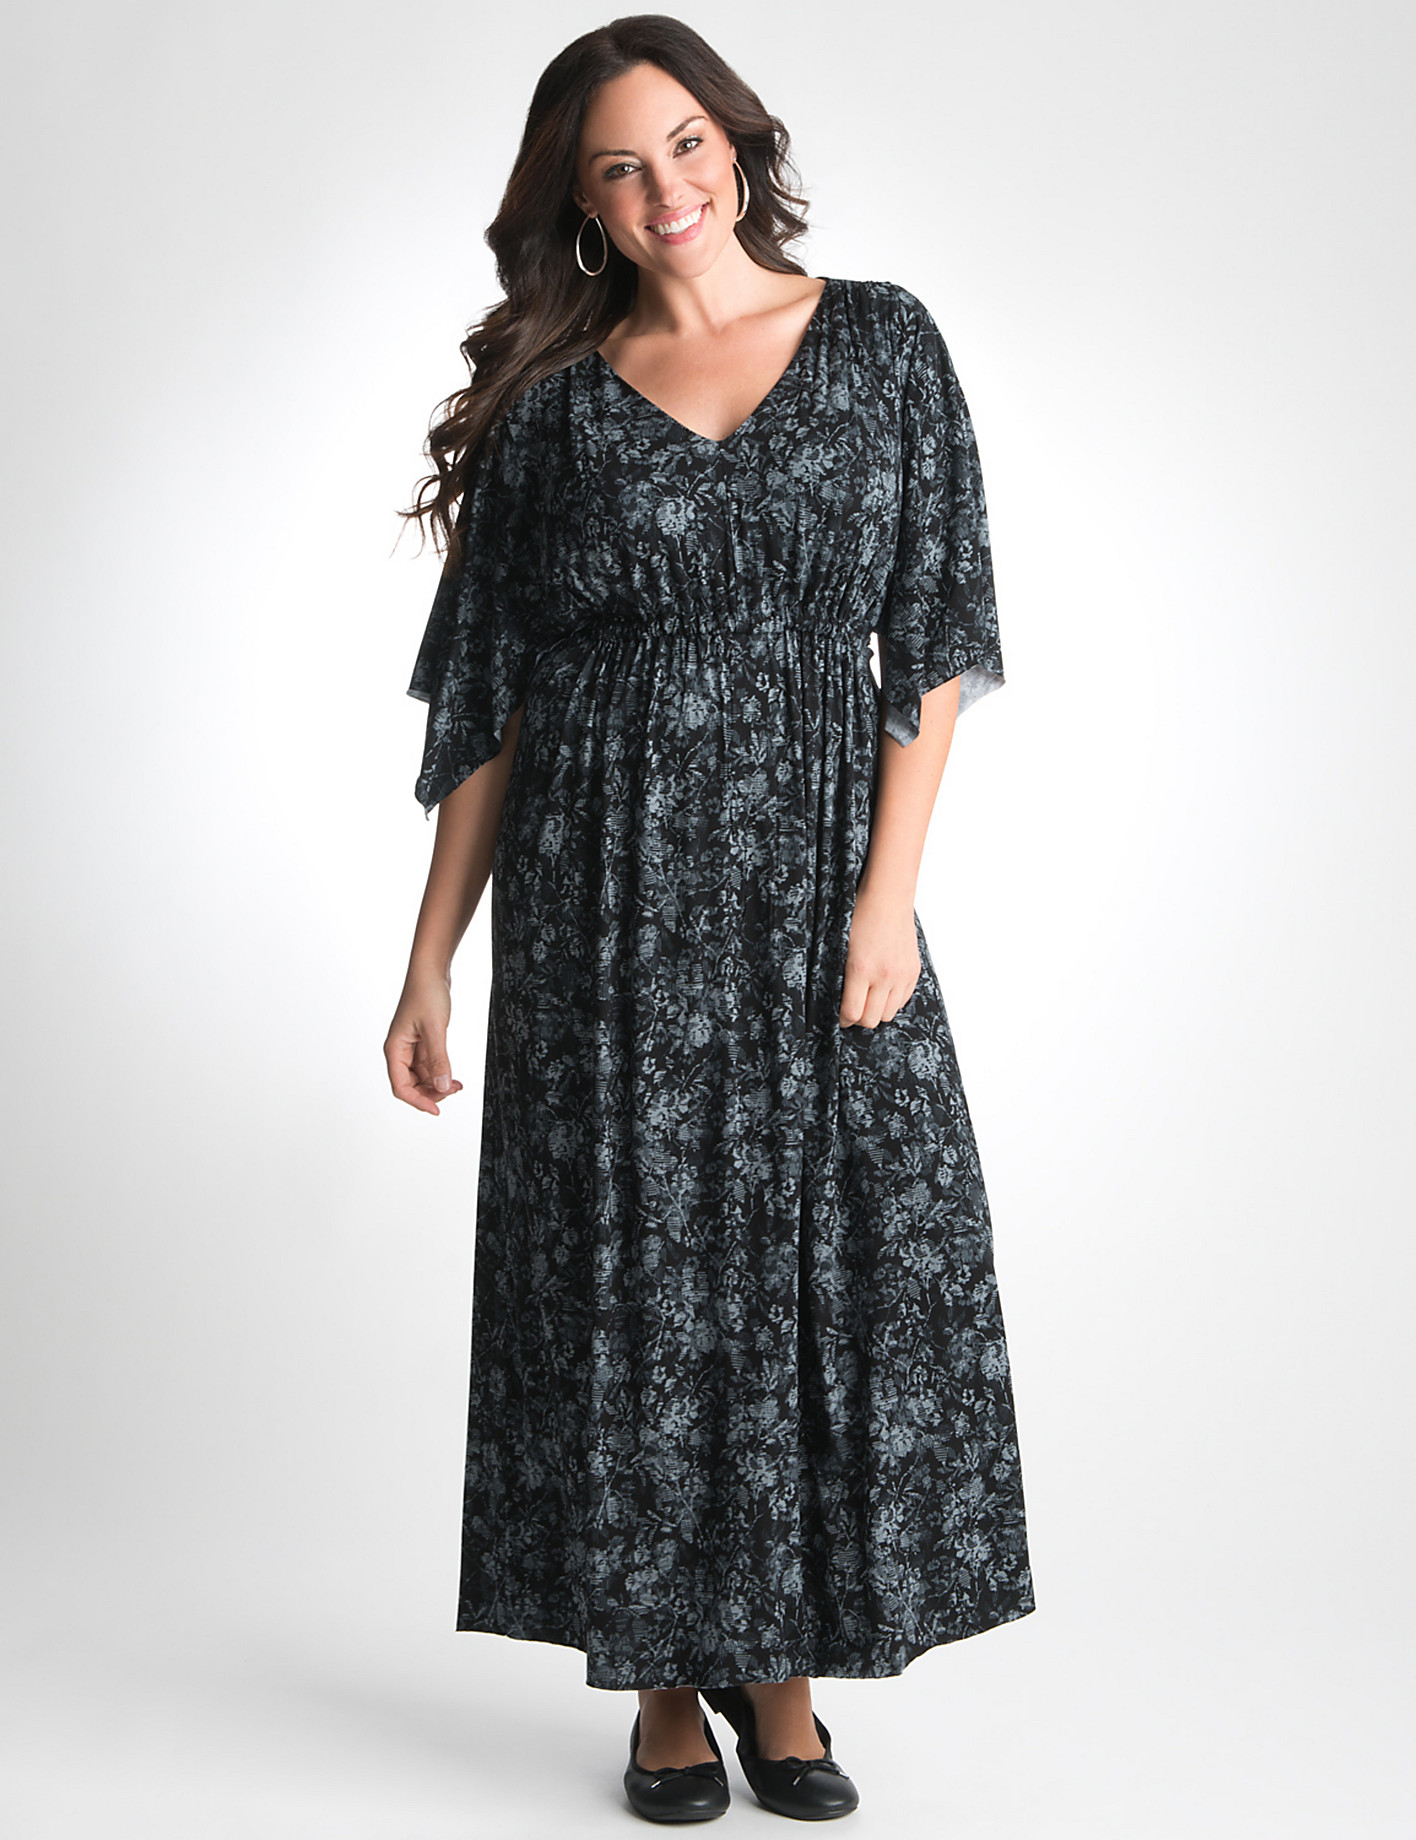 Kimono Sleeve Plus Size Dress Kimono Sleeve Maxi Dress